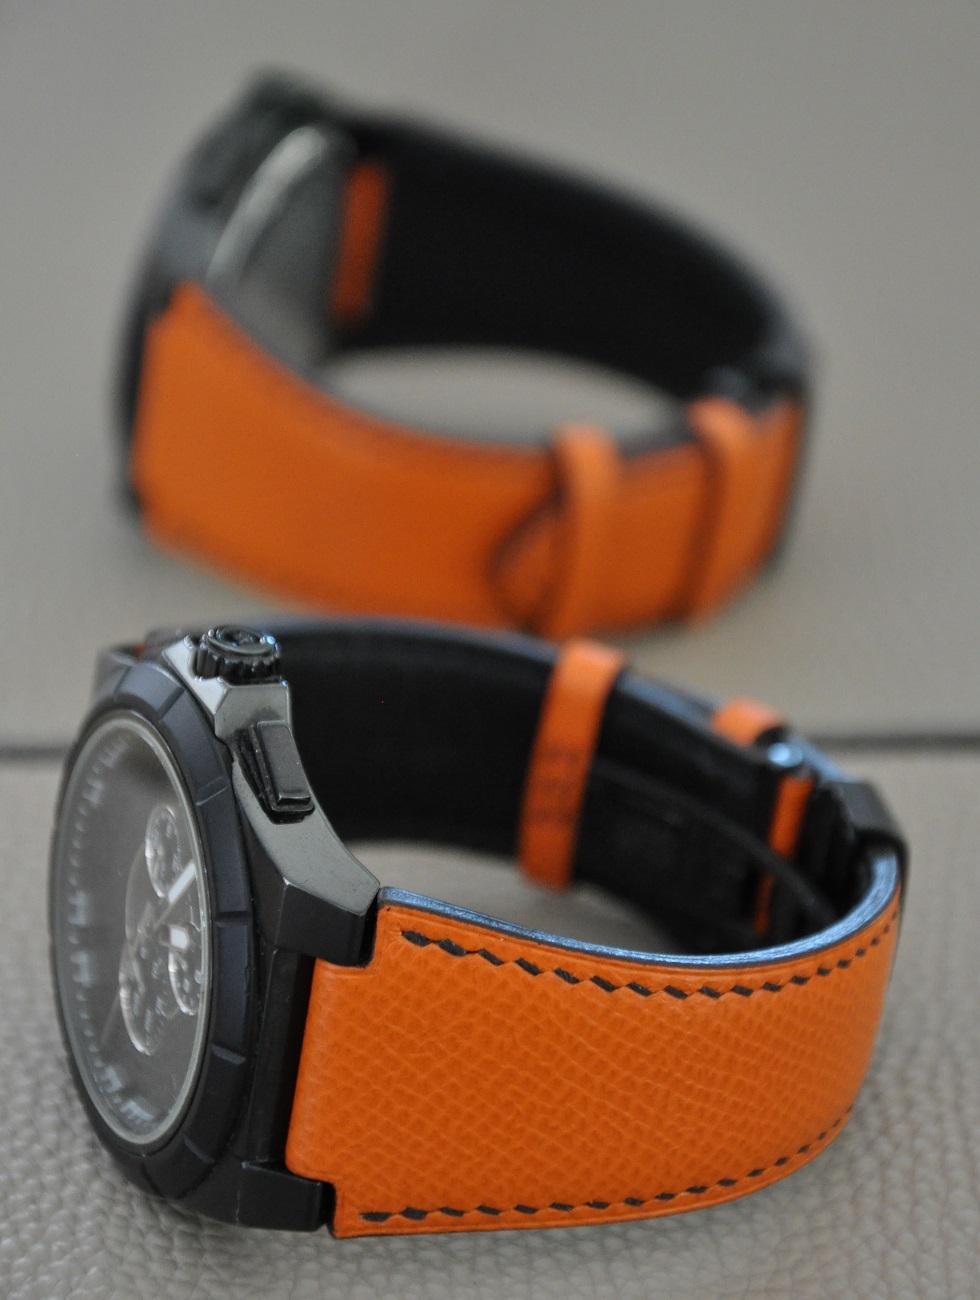 Bracelet-montre sur-mesure en veau grainé orange, doublé en veau noir, couture entièrement faite à la main fil noir. Création et fabrication LE NOËN